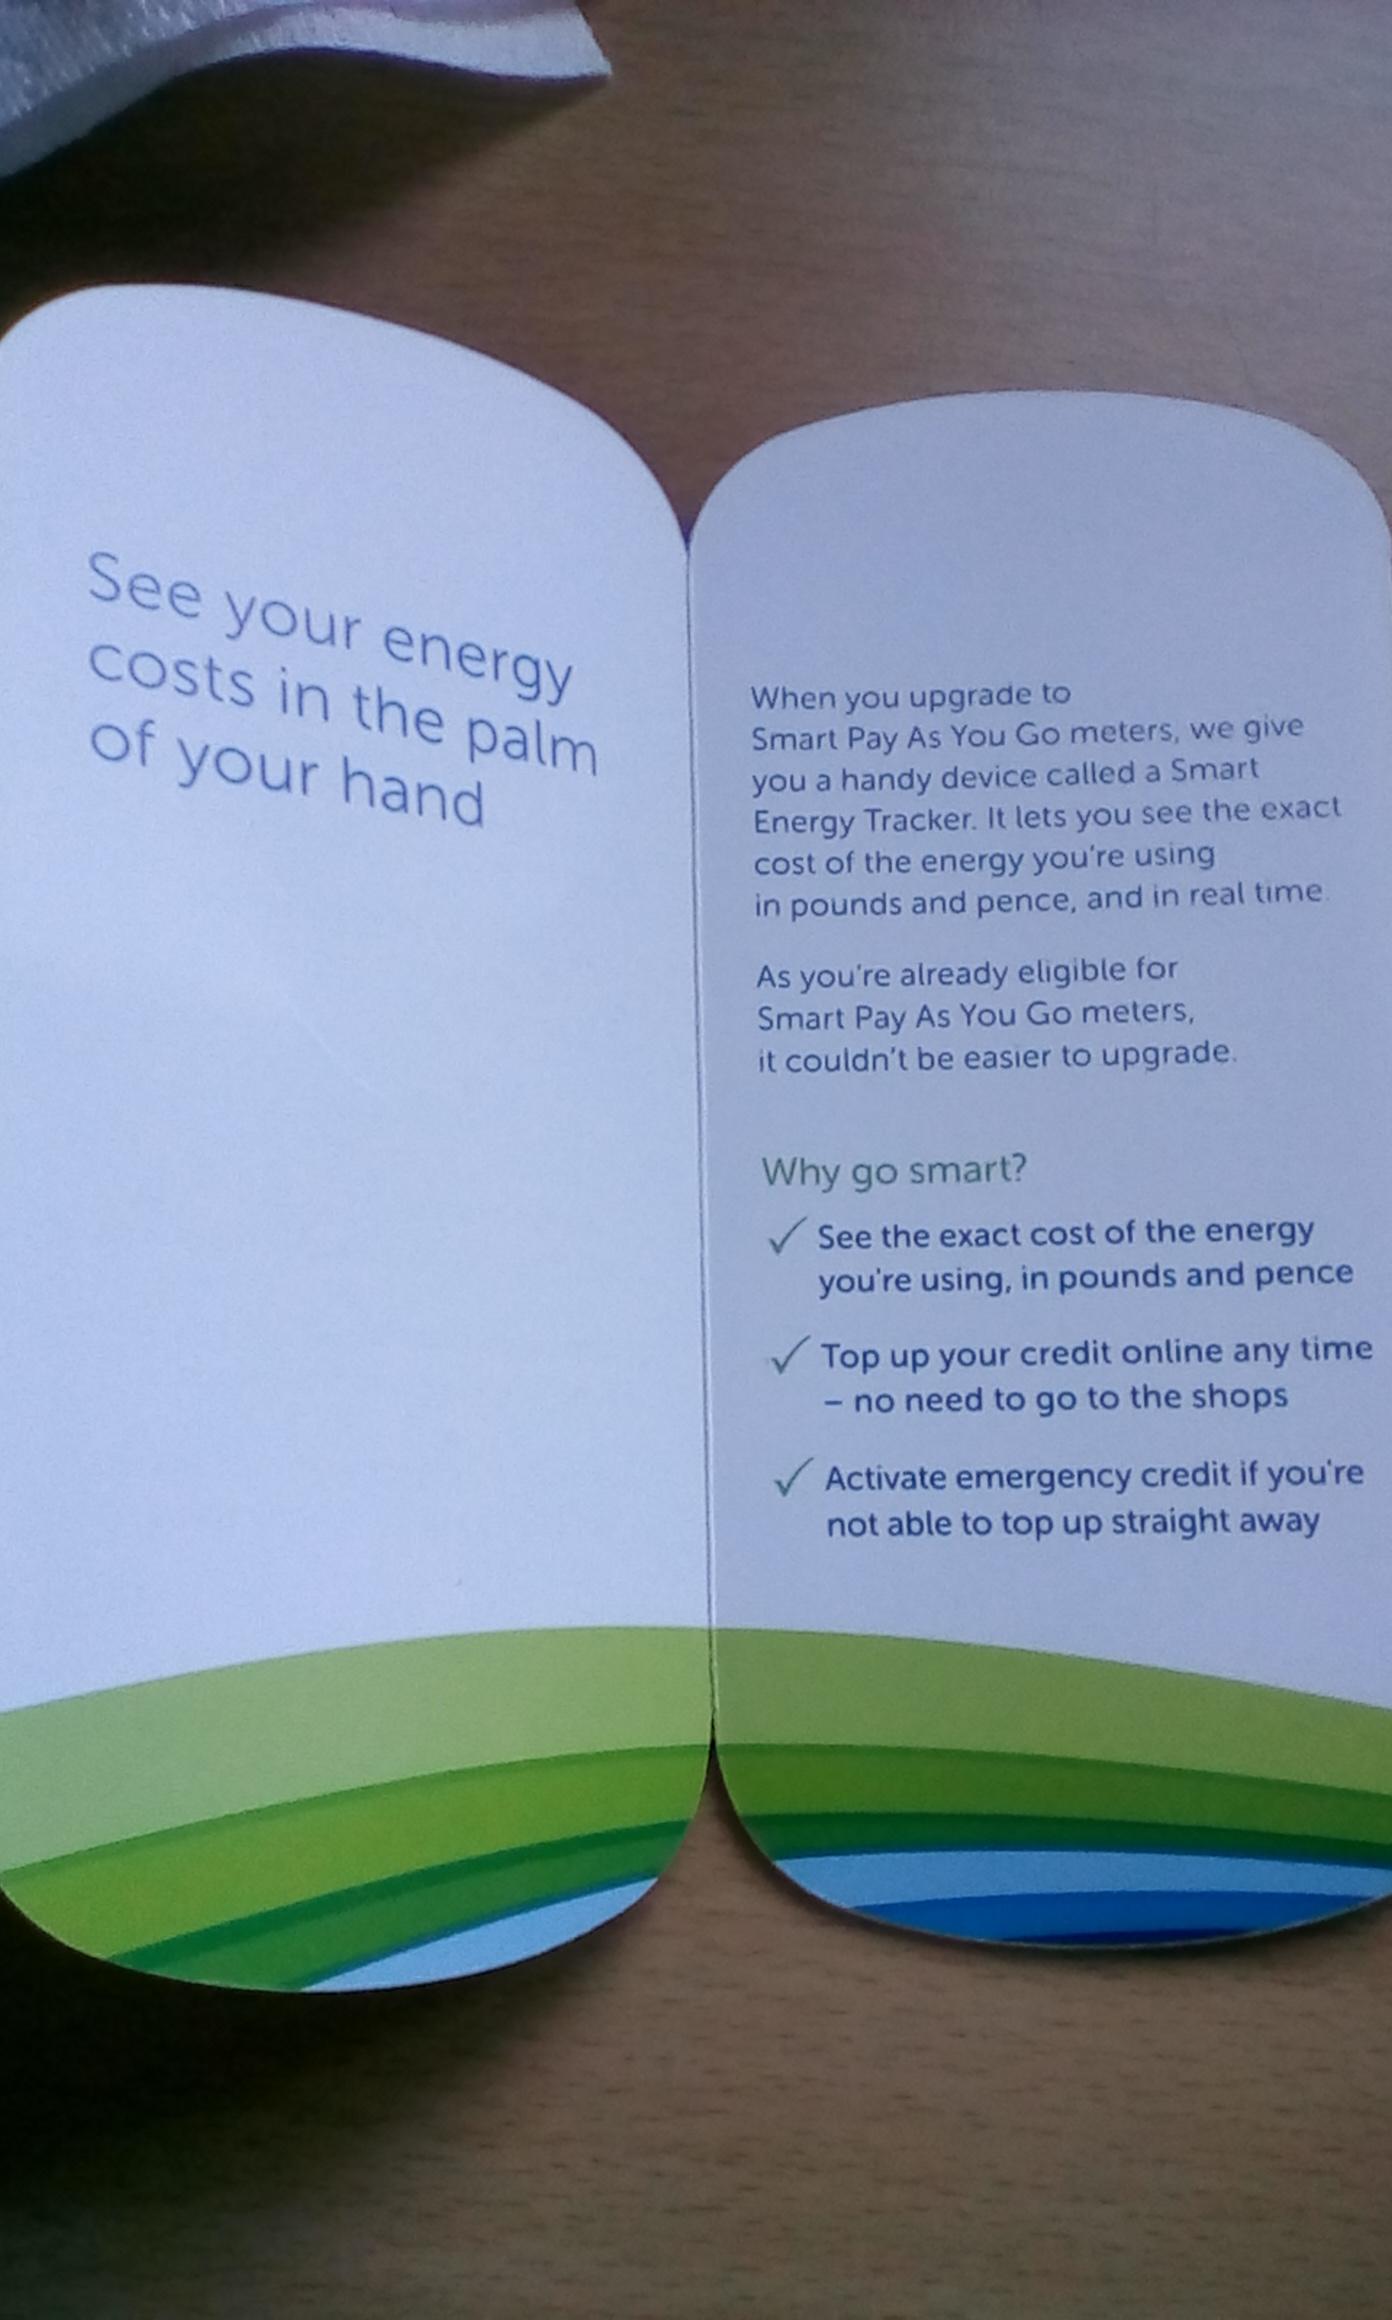 Line Rental Saver >> EDF energy - Smart Meters are coming - Plusnet Community